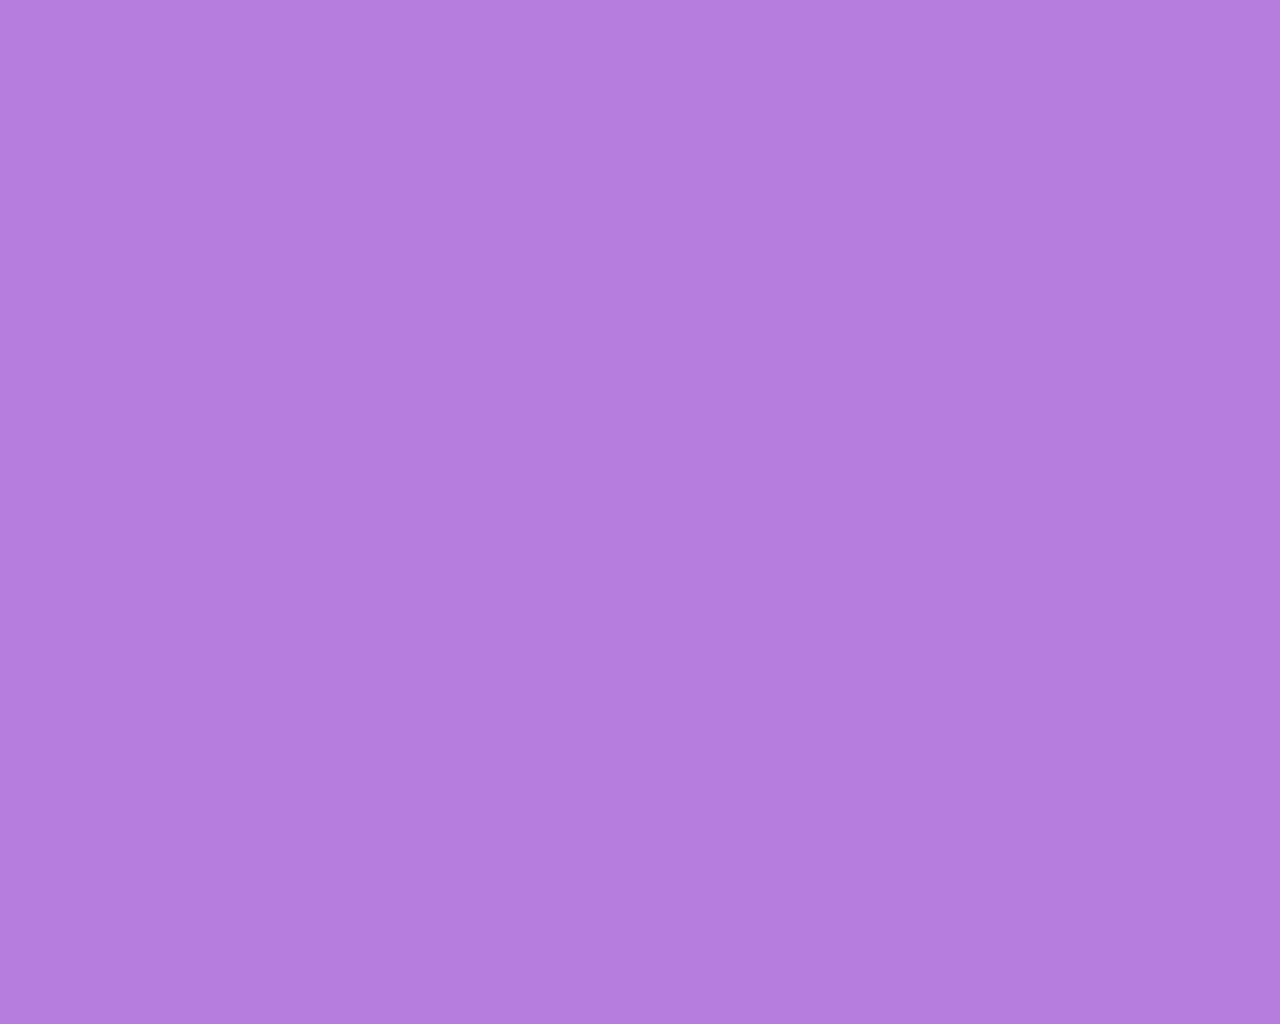 1280x1024 Lavender Floral Solid Color Background